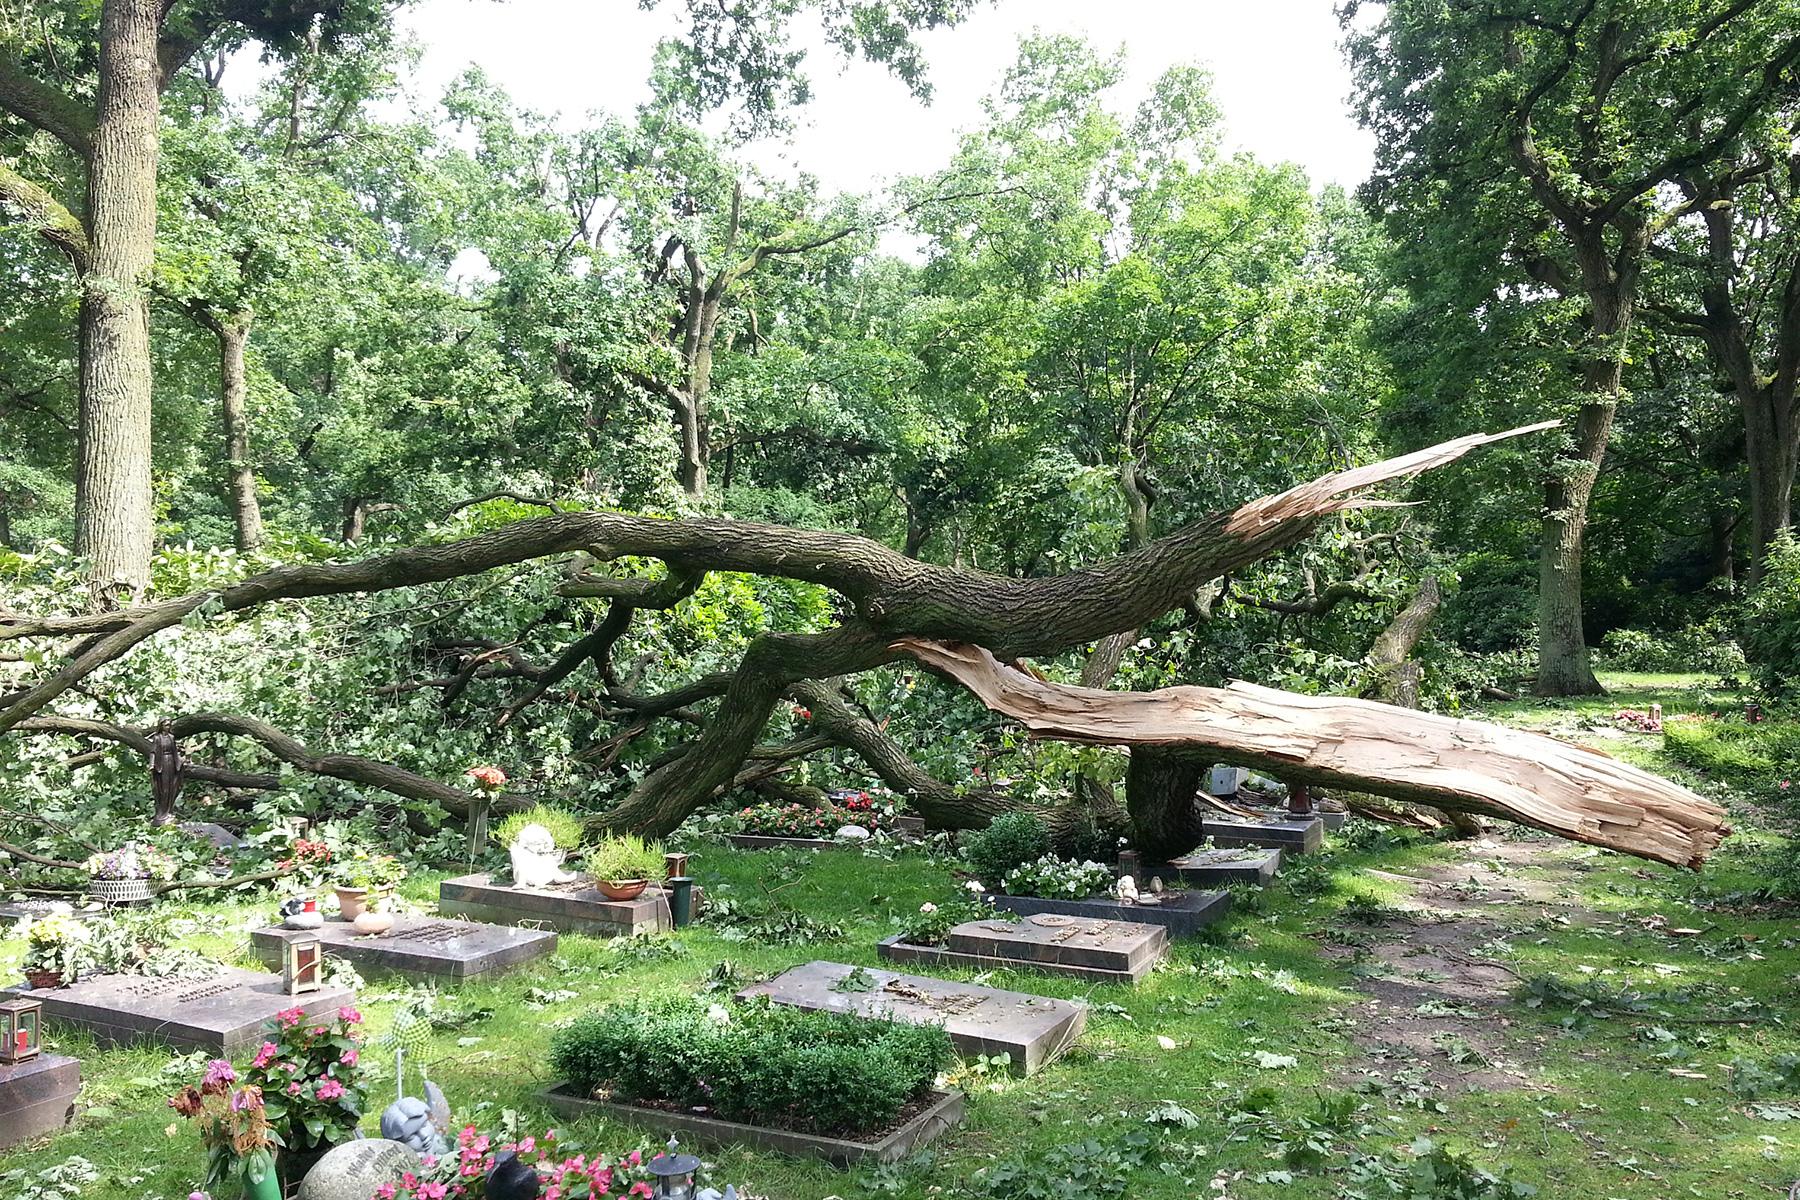 Baumdienst Baumpflege Sturmschadenbeseitigung